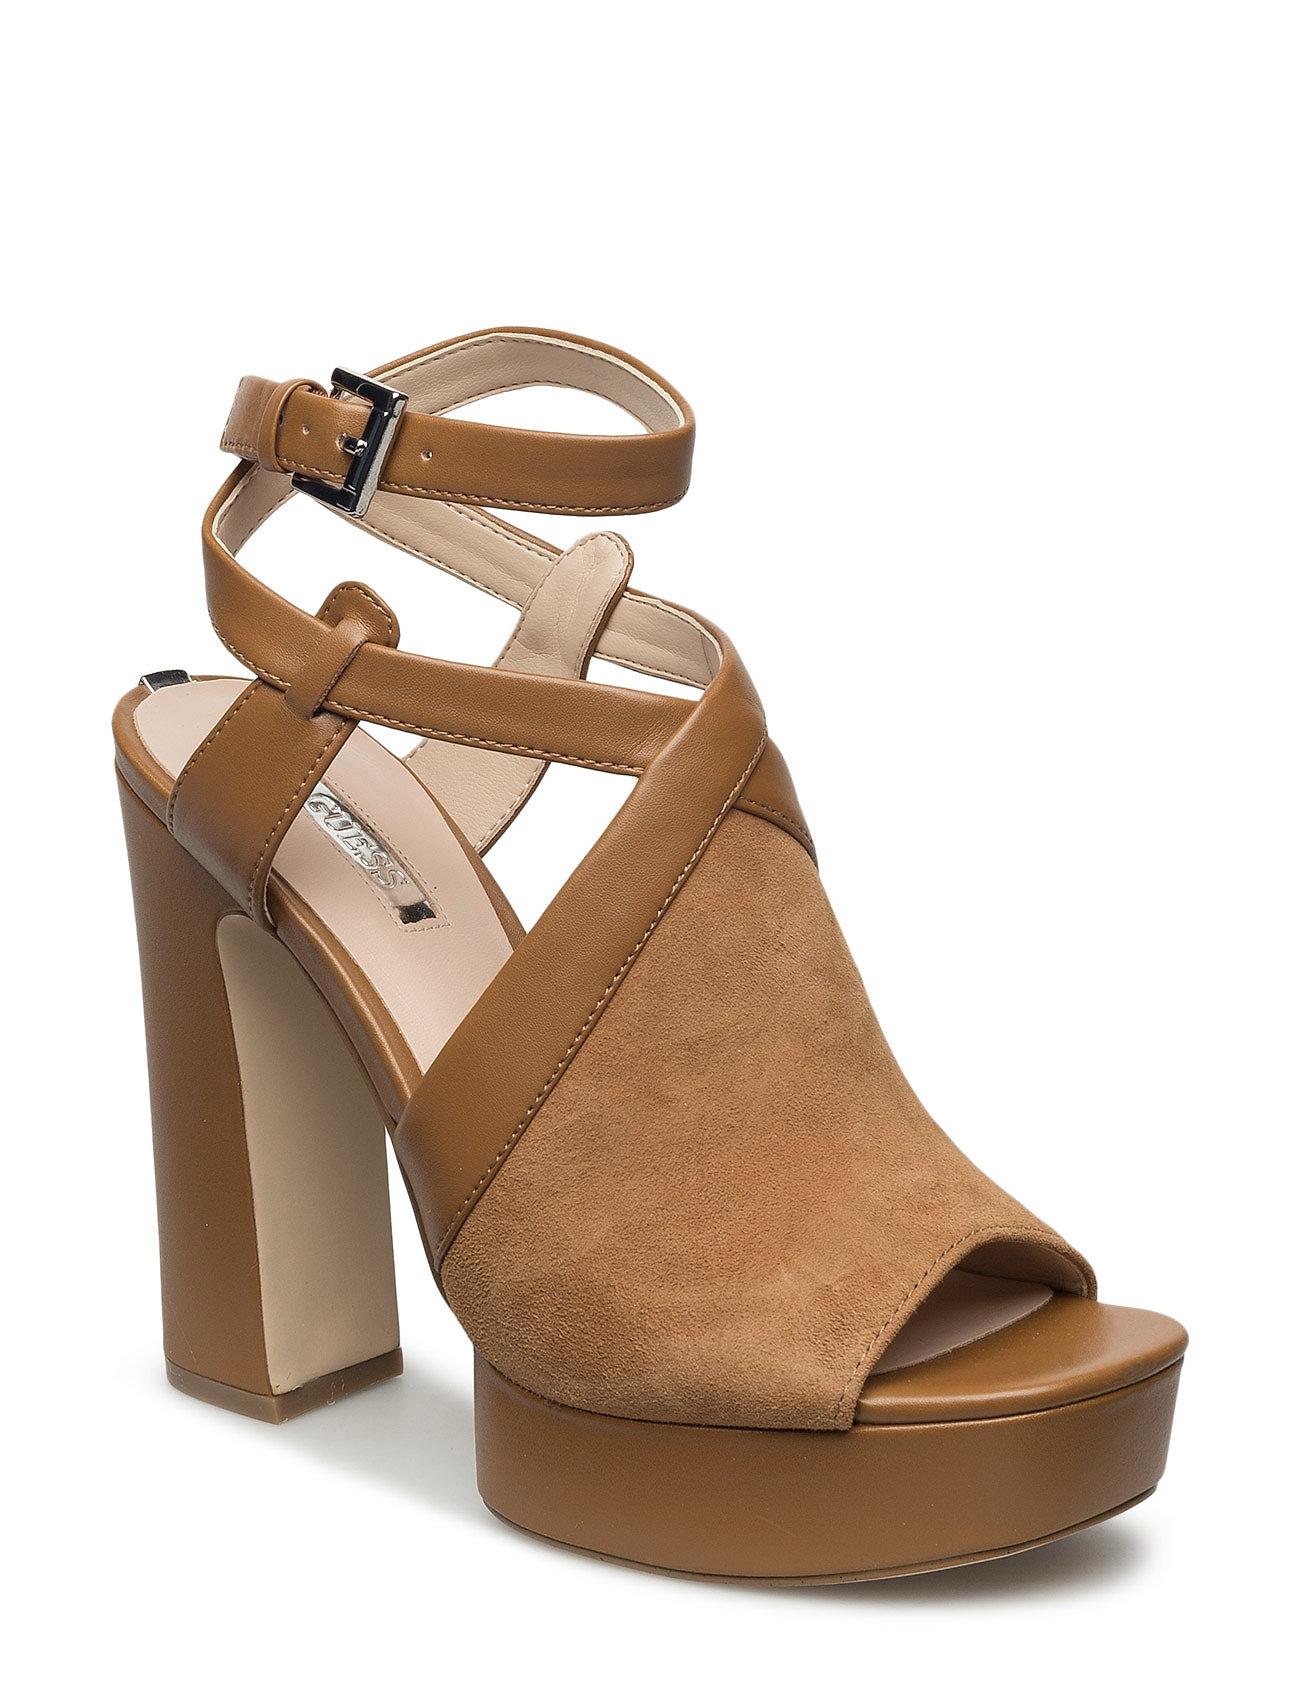 Lyana/Shootie  (Ankle Boot)/Su GUESS Sko til Kvinder i